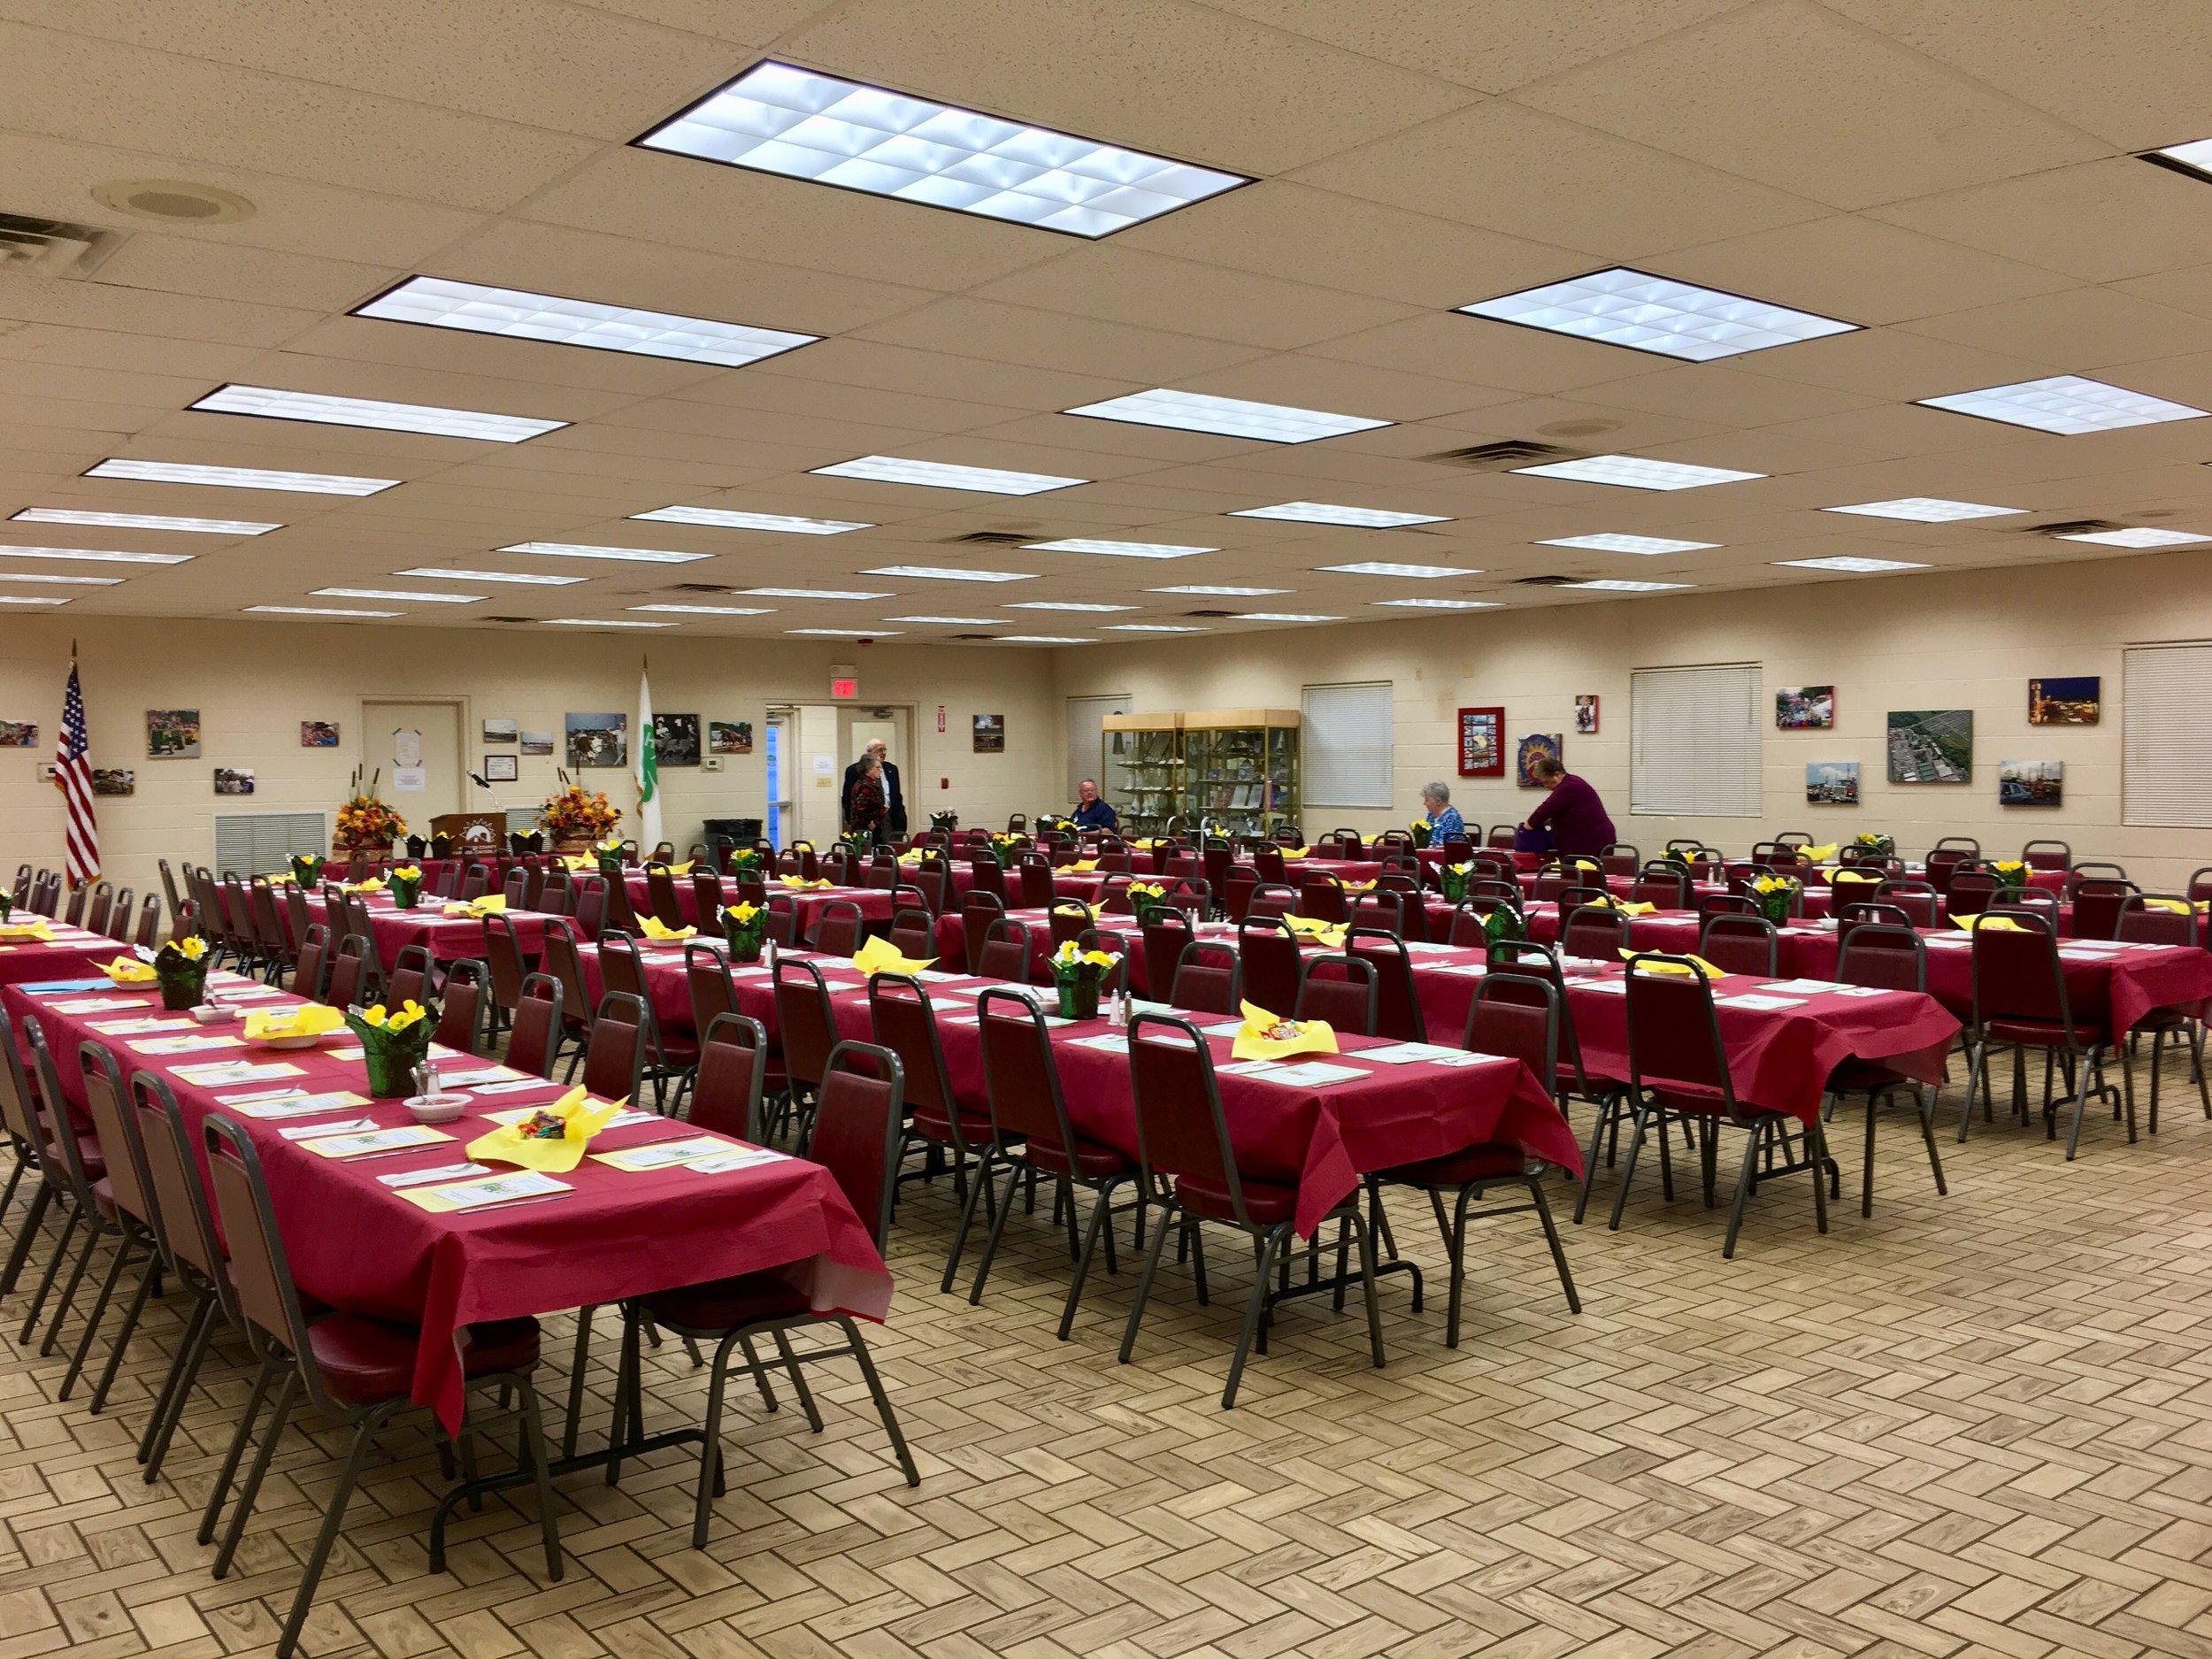 Dining Hall Interior.jpg